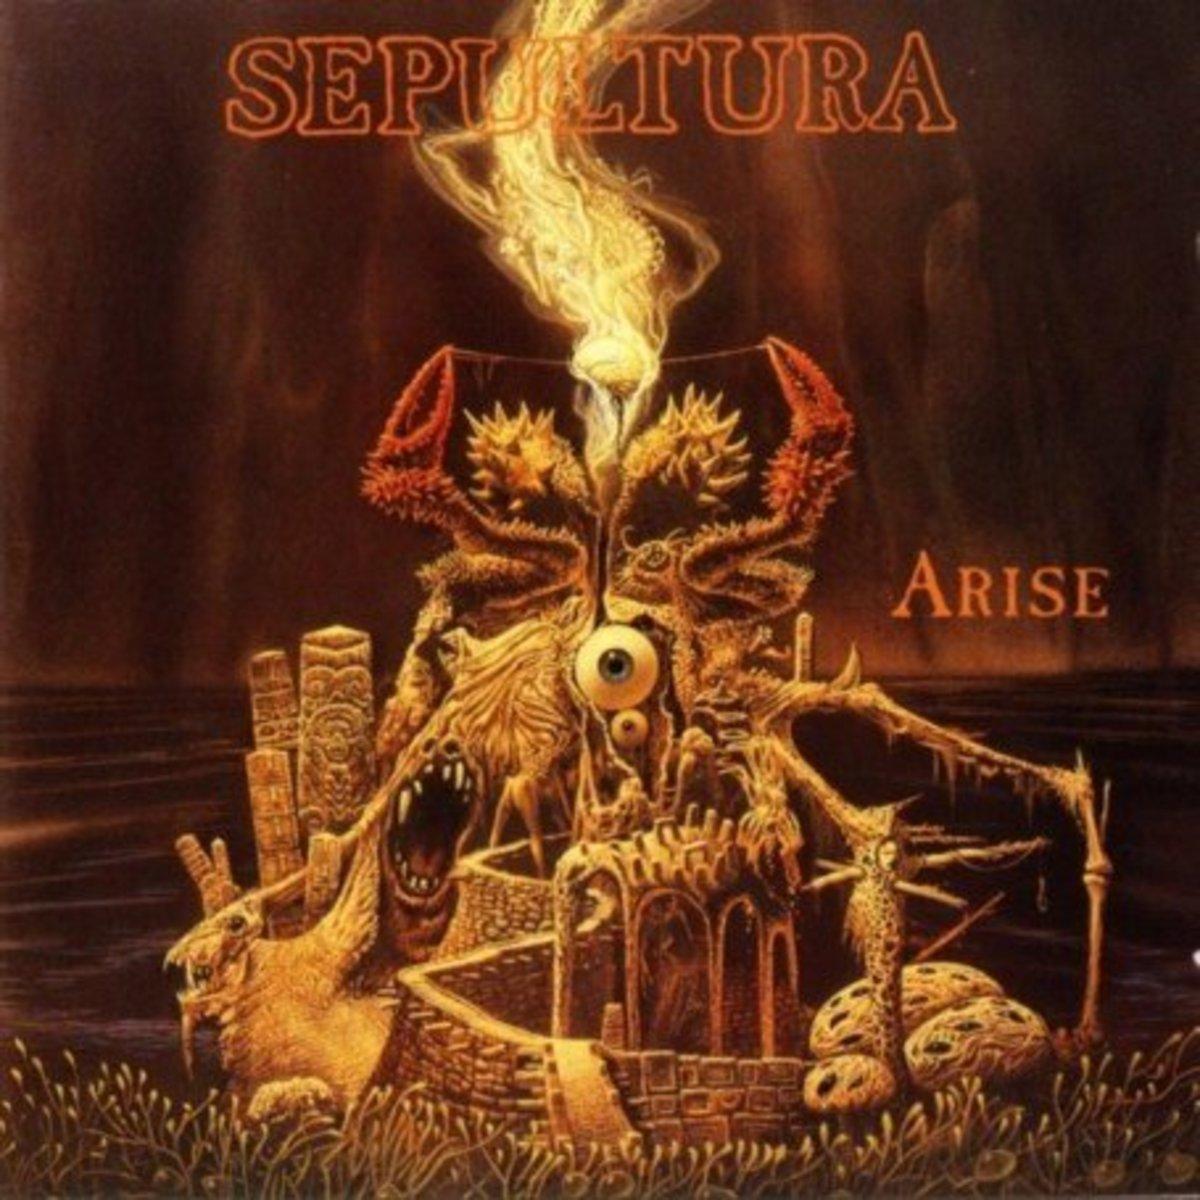 Sepultura's